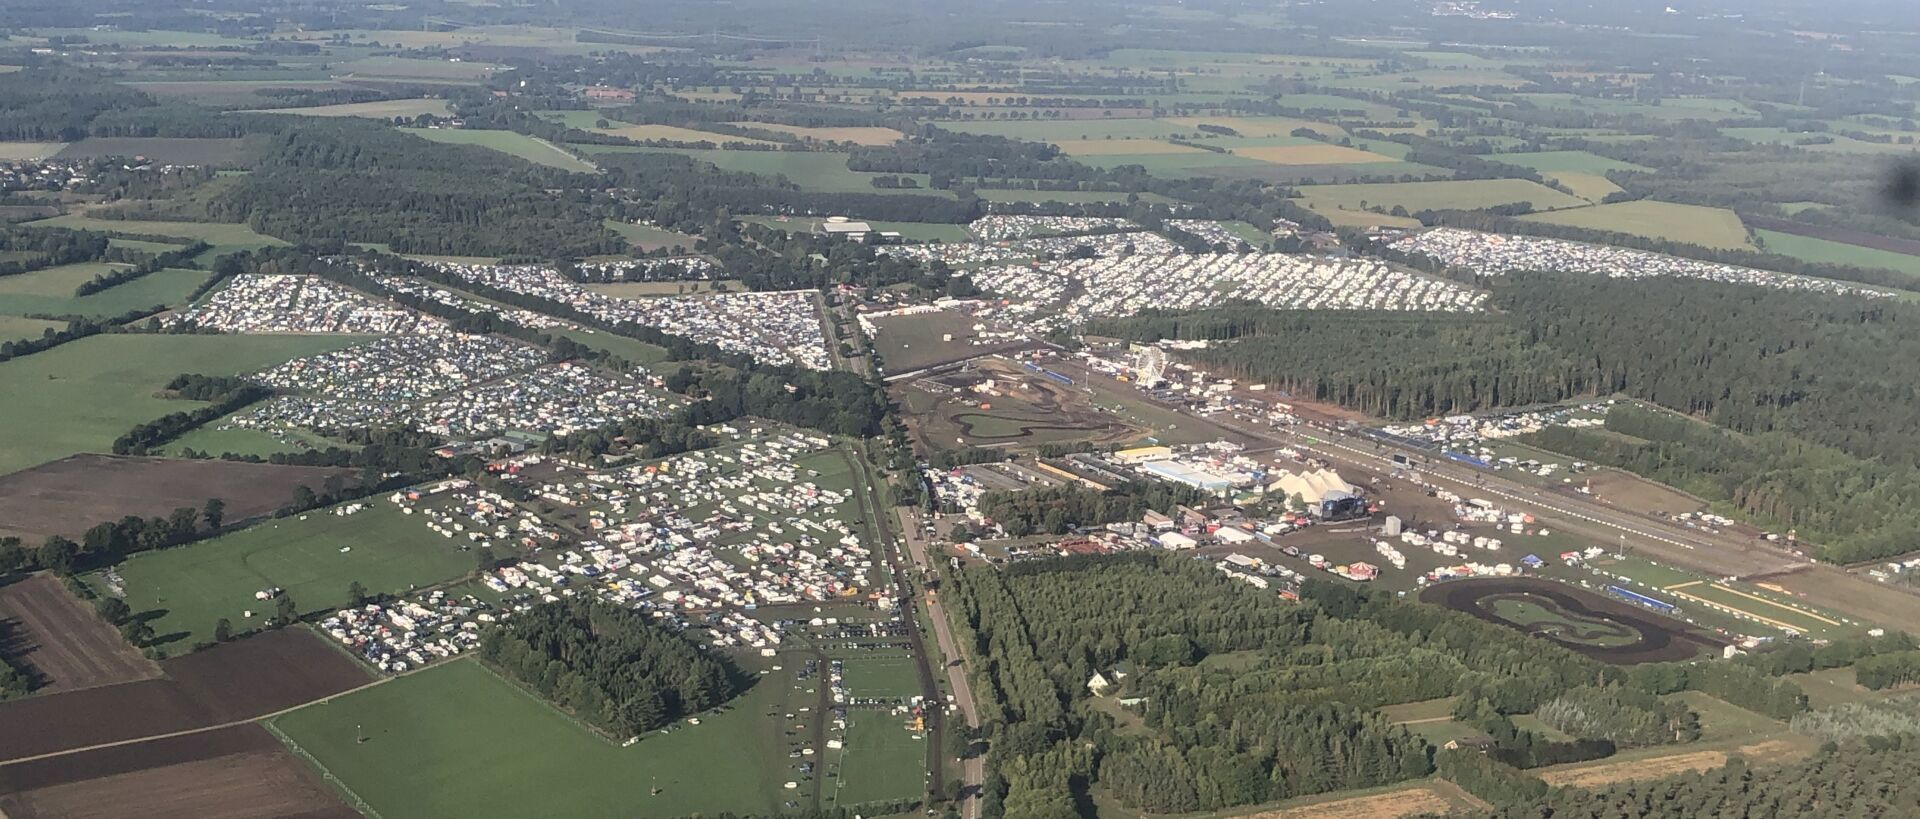 Luftbild Hasenmoor